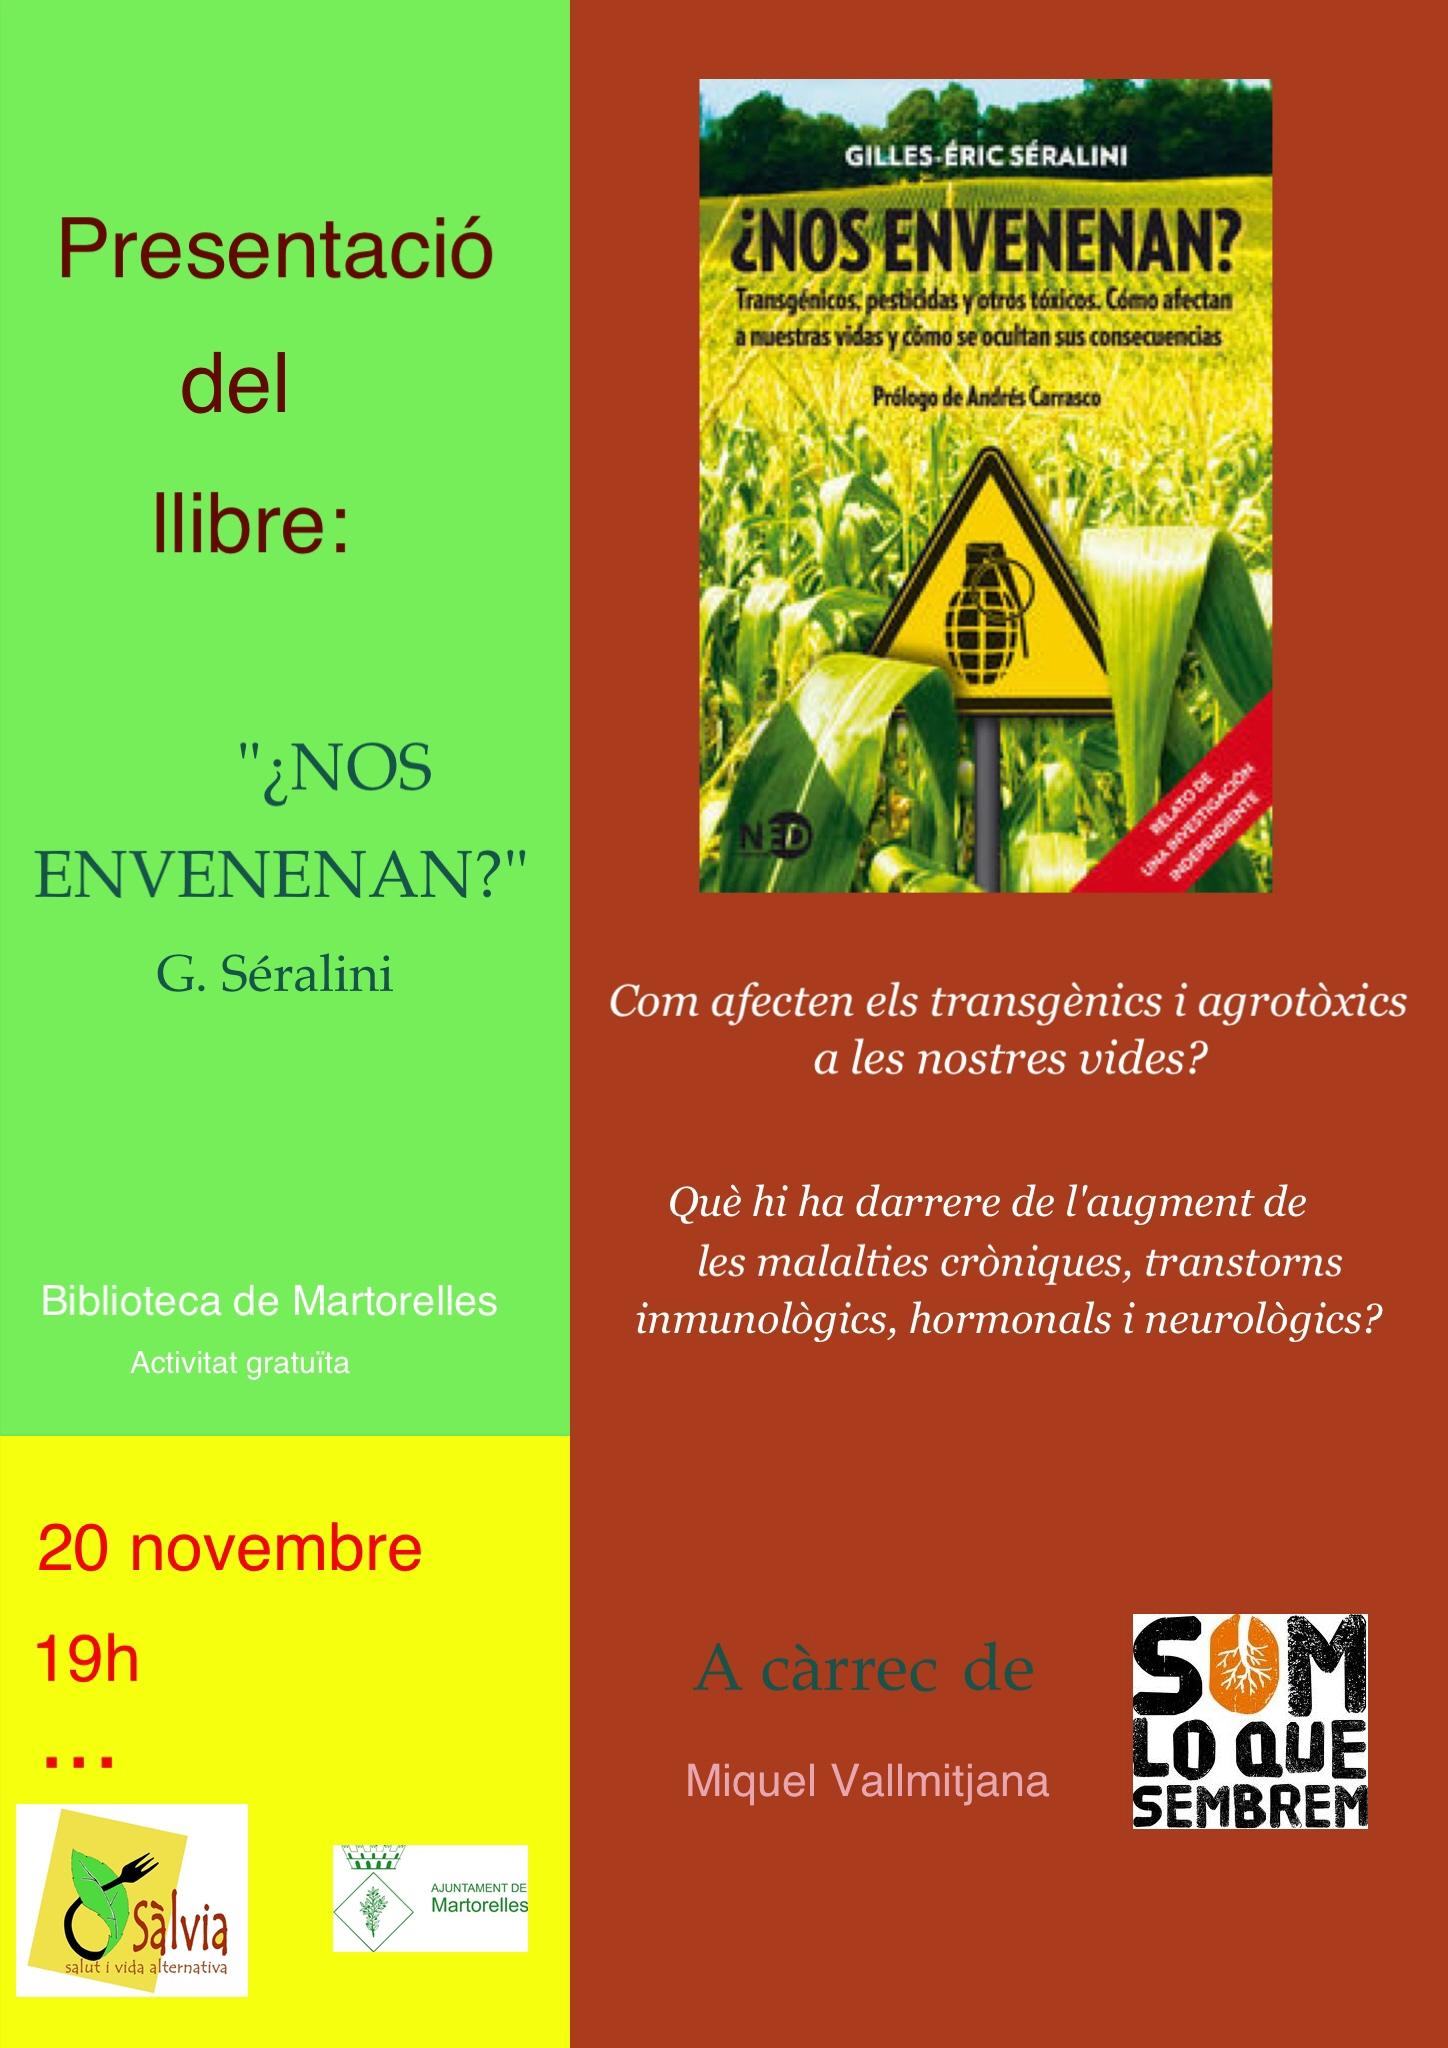 poster_nos_envenenan